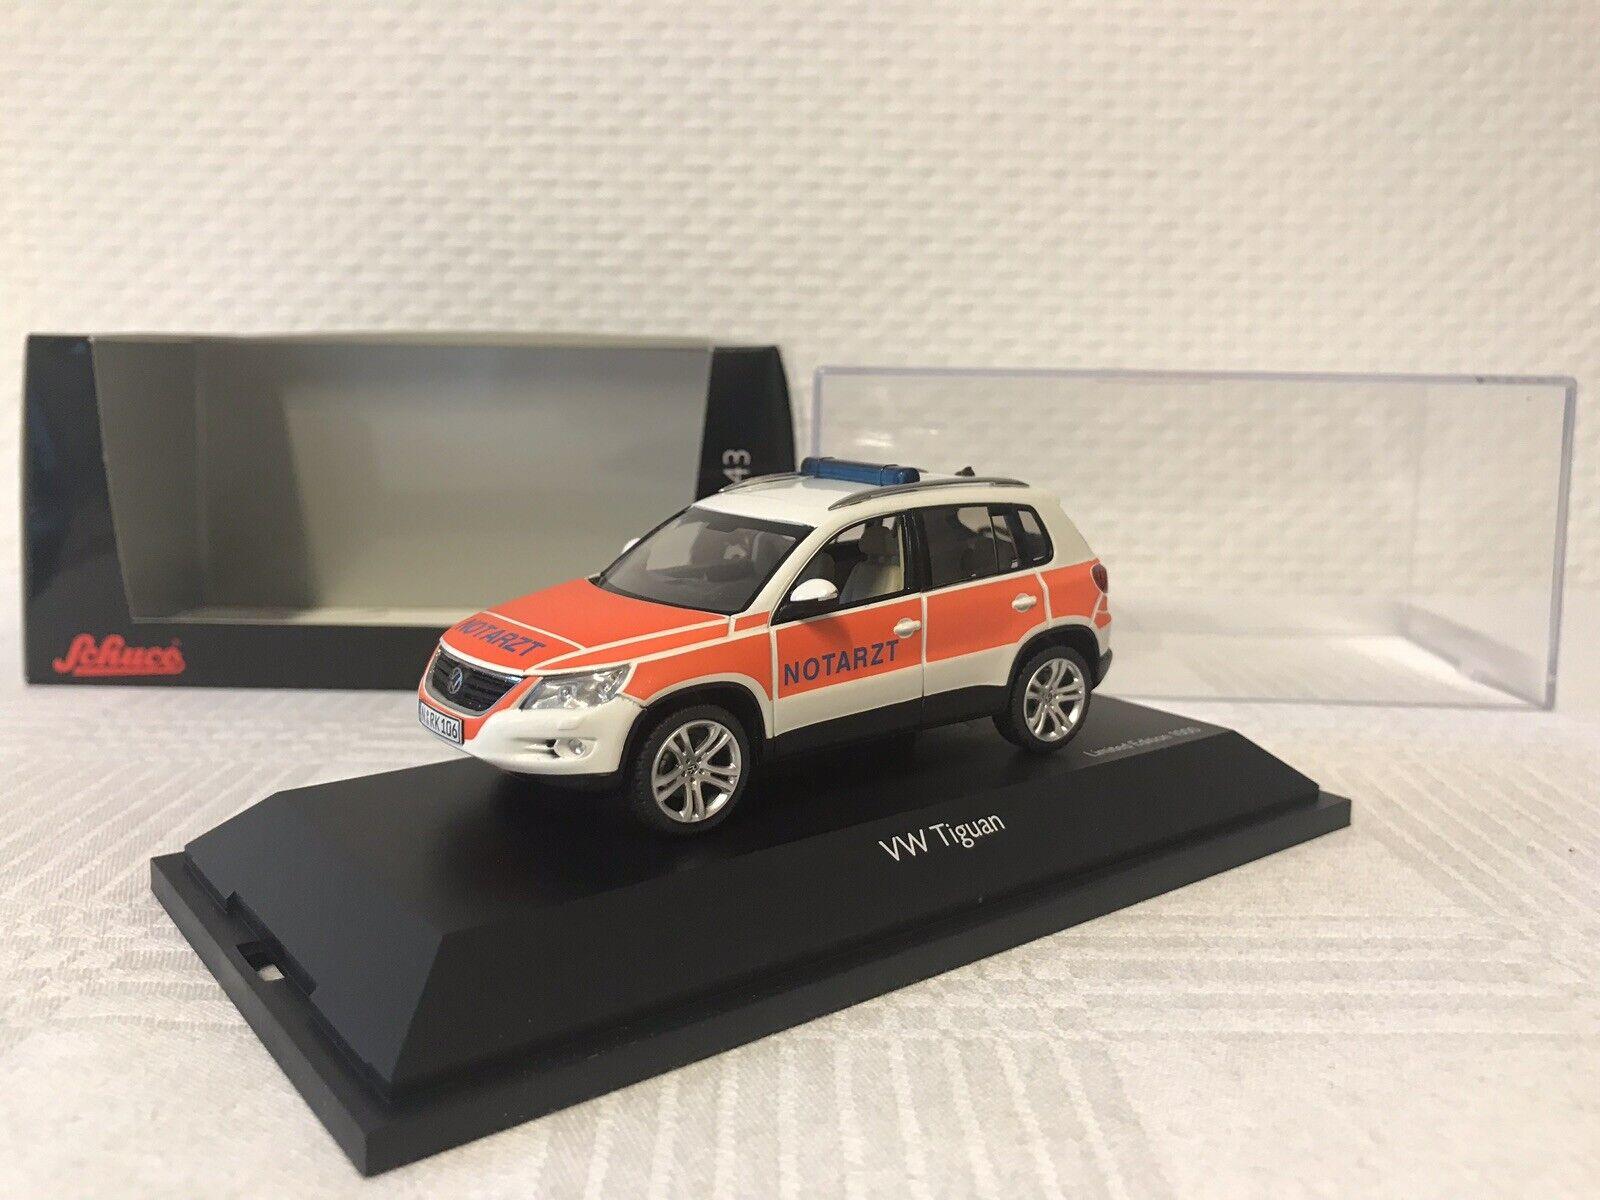 Schuco 1 43 VW TIGUAN 2.0 TDI BERLINA Edition pronto soccorso regalo modello di auto giocattolo